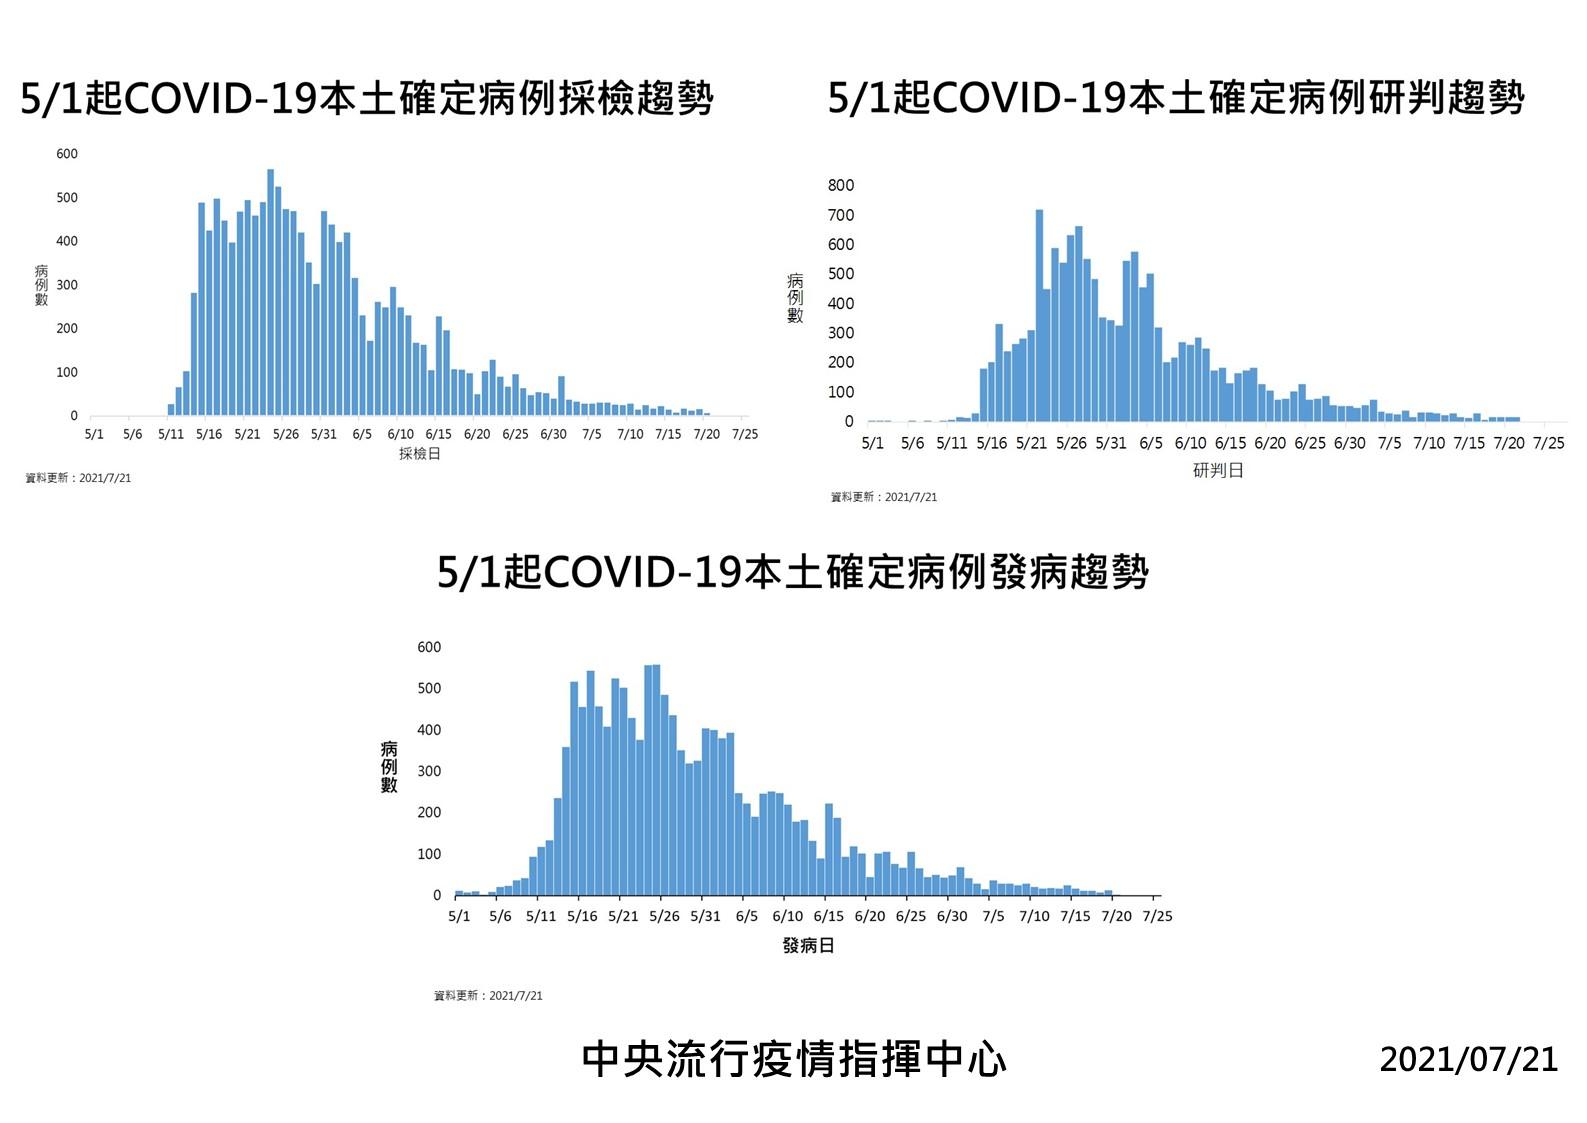 5/1至7/21日COVID-19本土確定病例發病趨勢。